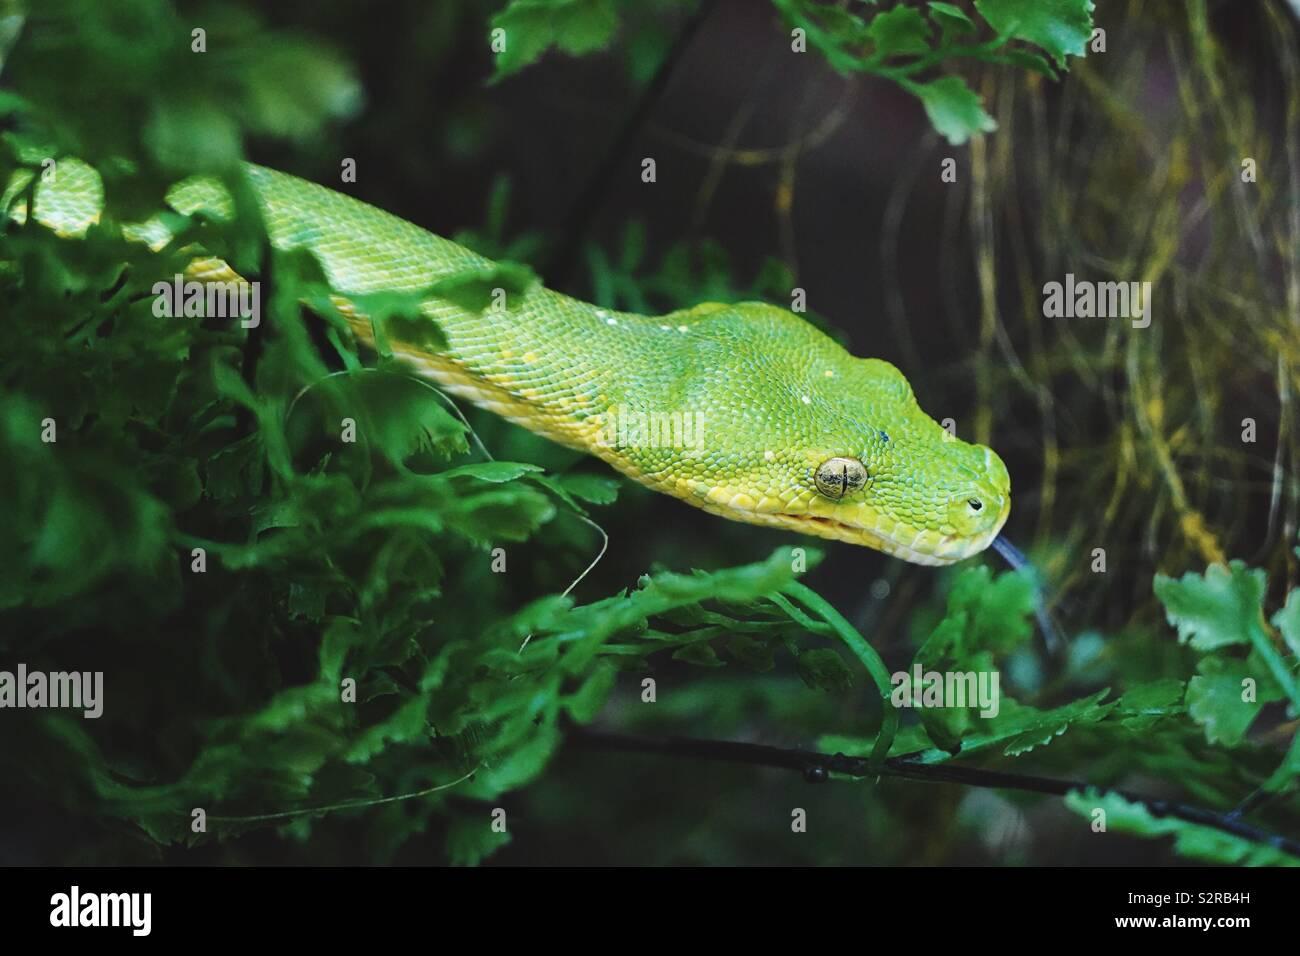 Green Tree python persiguiendo a su presa a través de la maleza y los árboles. Foto de stock